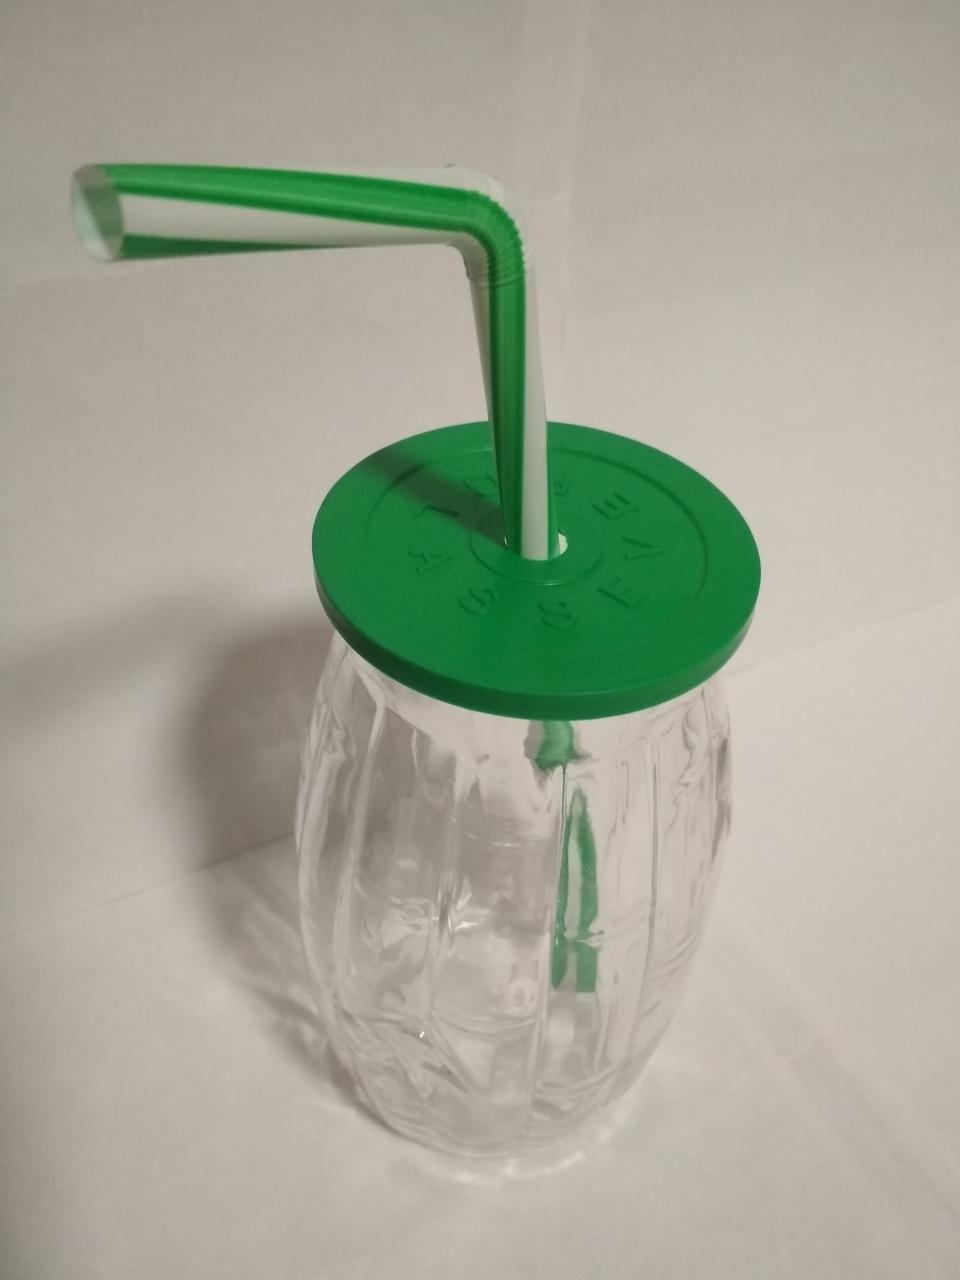 Стакан банка скляний для коктейлів 500 мл із зеленою пластиковою кришкою і трубочкою Bamboo UniGlass